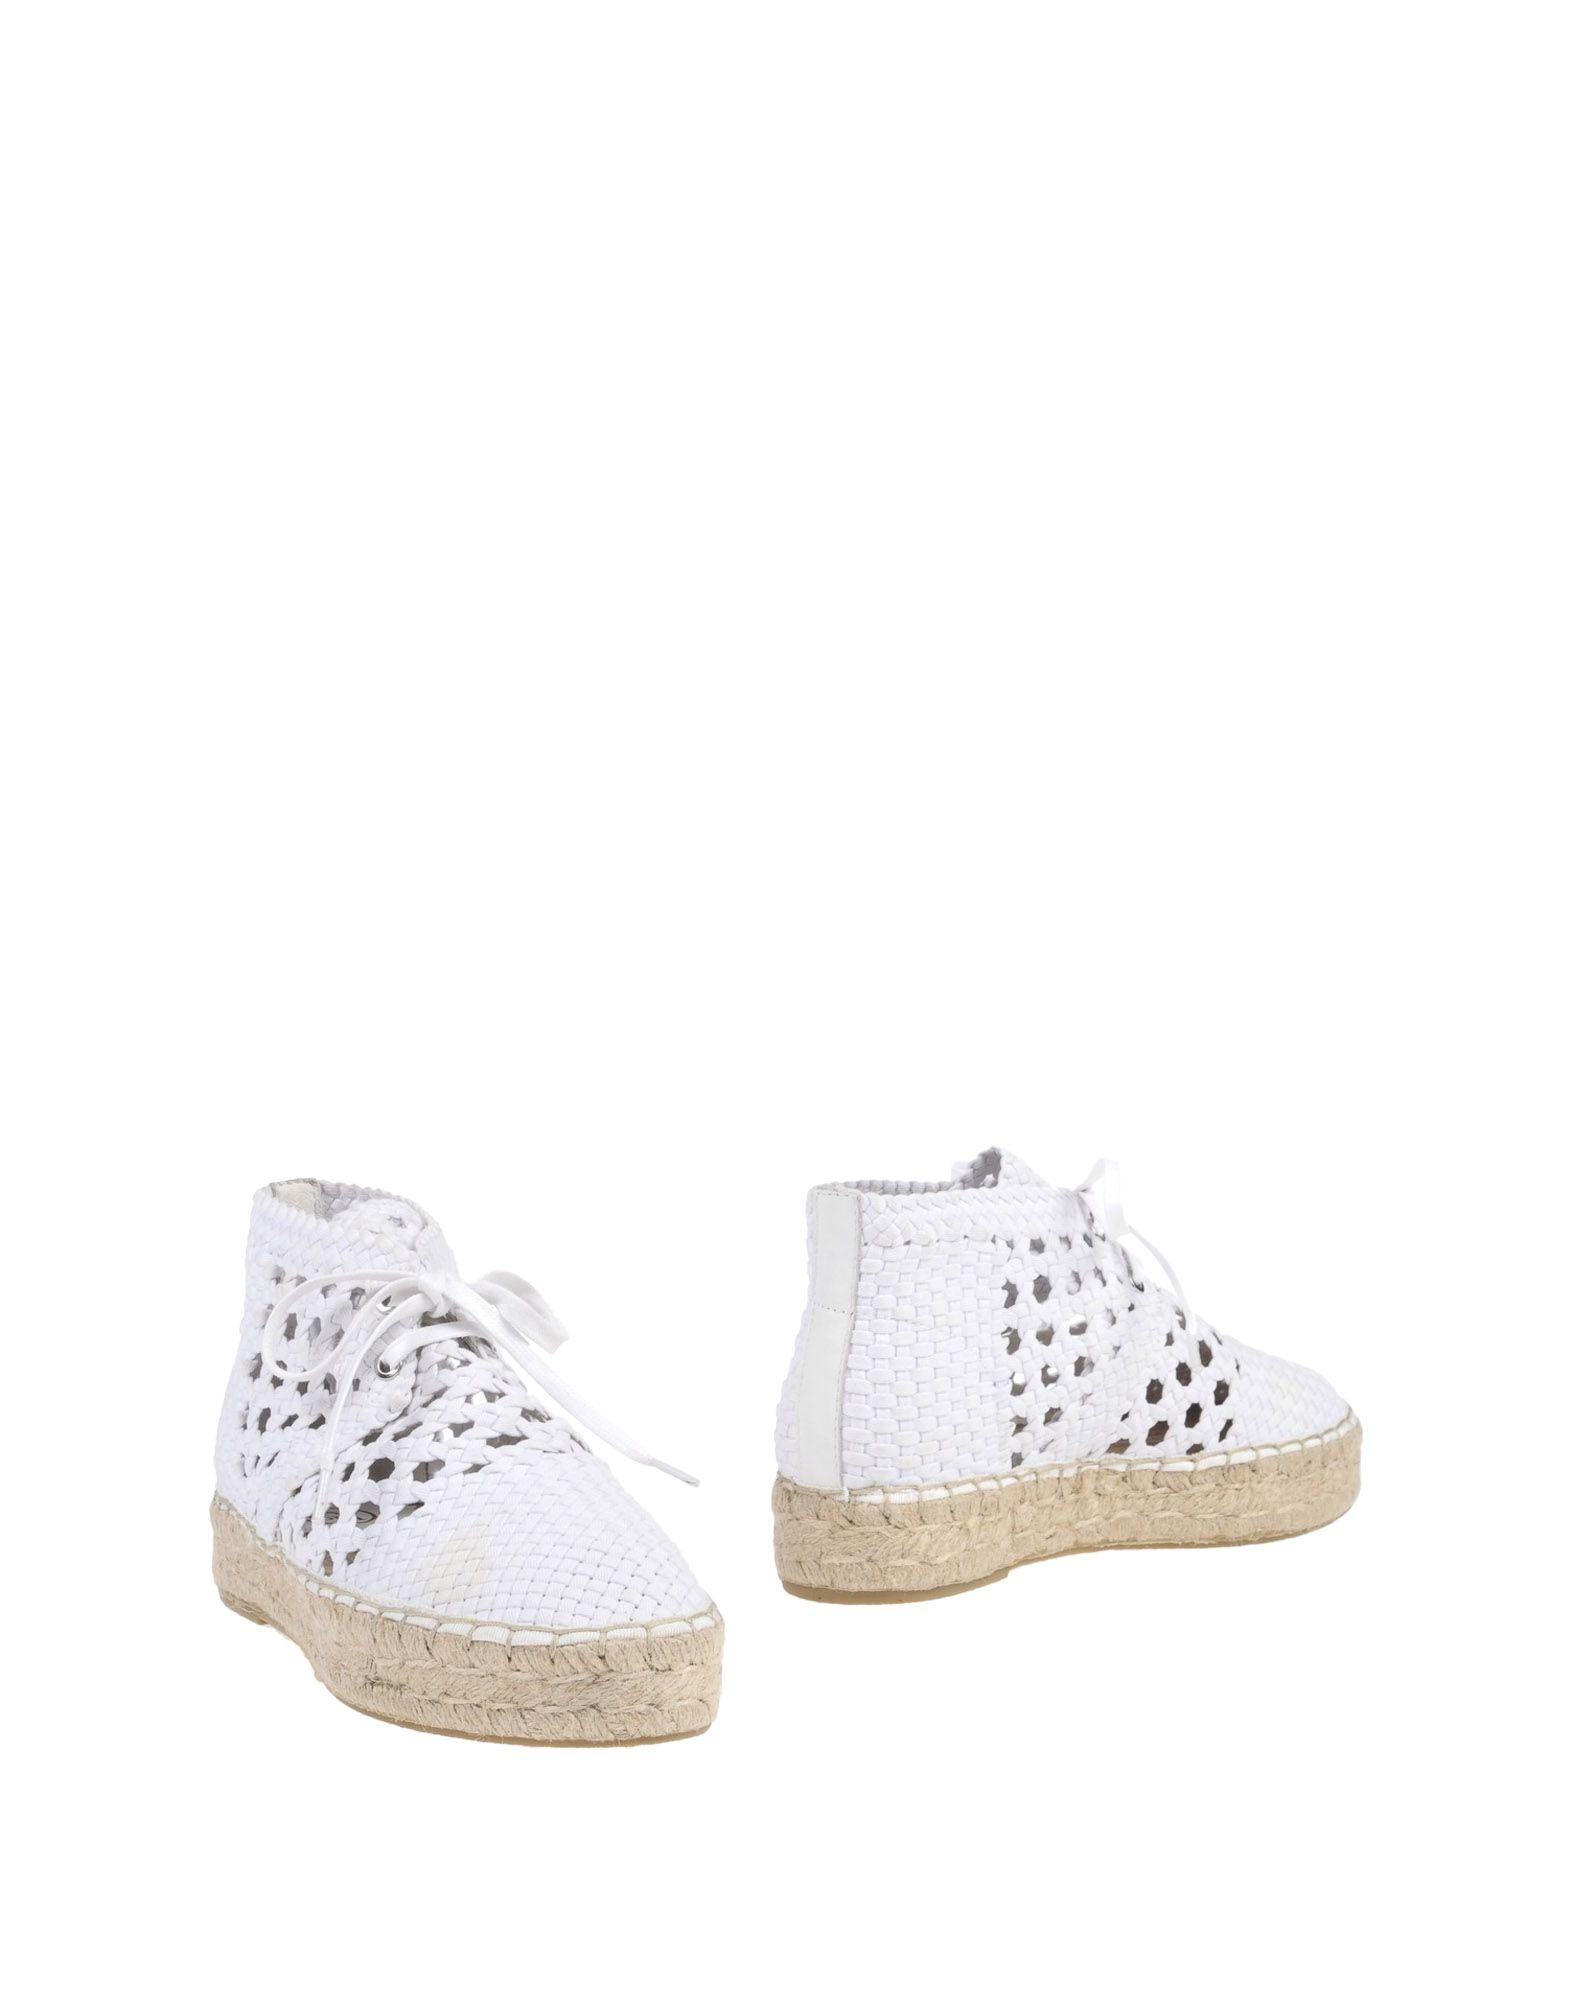 Ash Stiefelette Damen  11417859BG Gute Qualität beliebte Schuhe